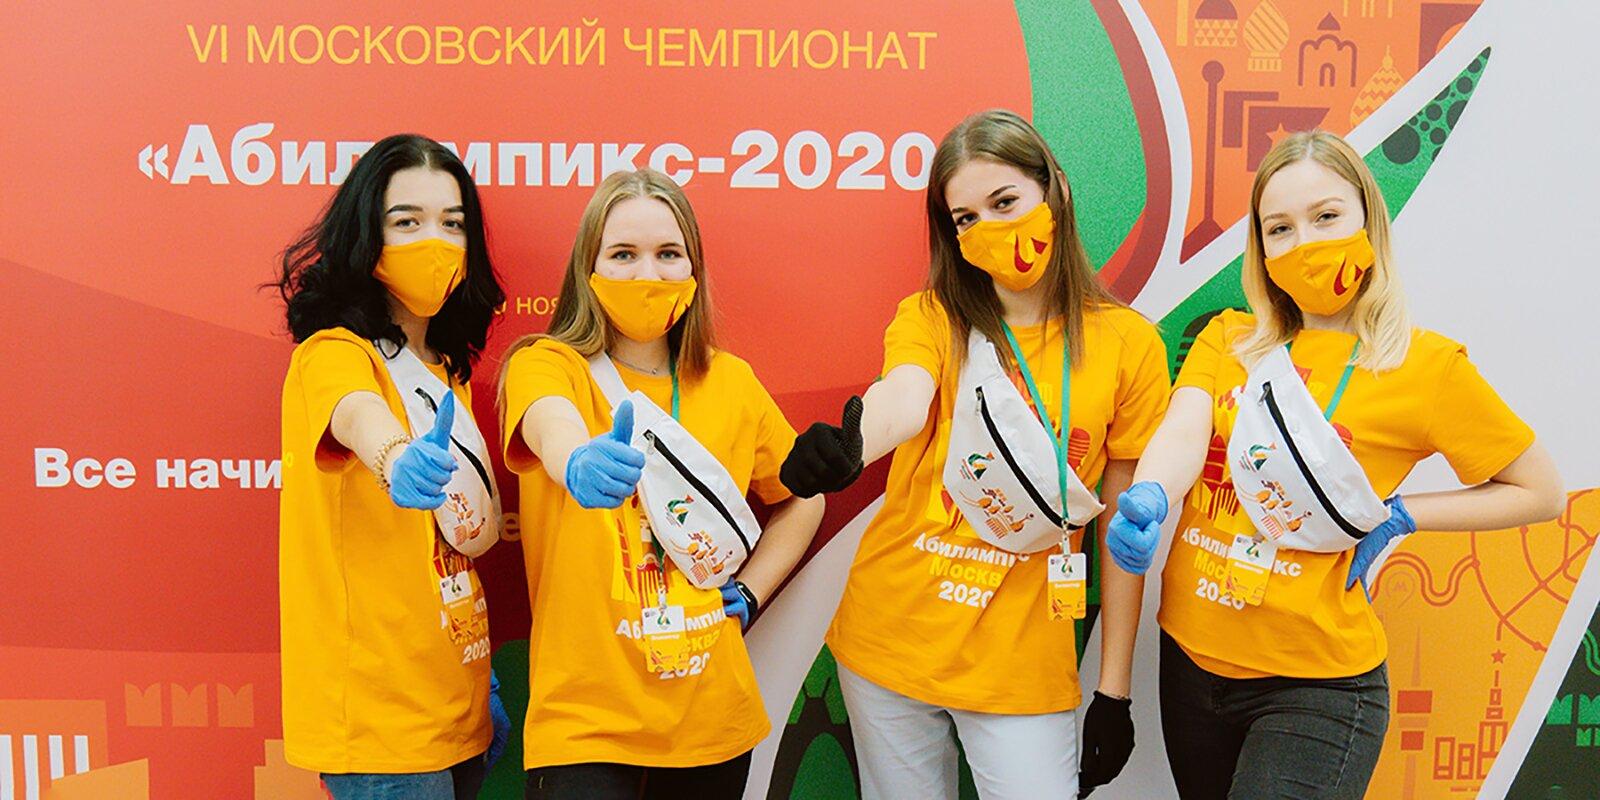 171 москвич примет участие в Национальном чемпионате «Абилимпикс»